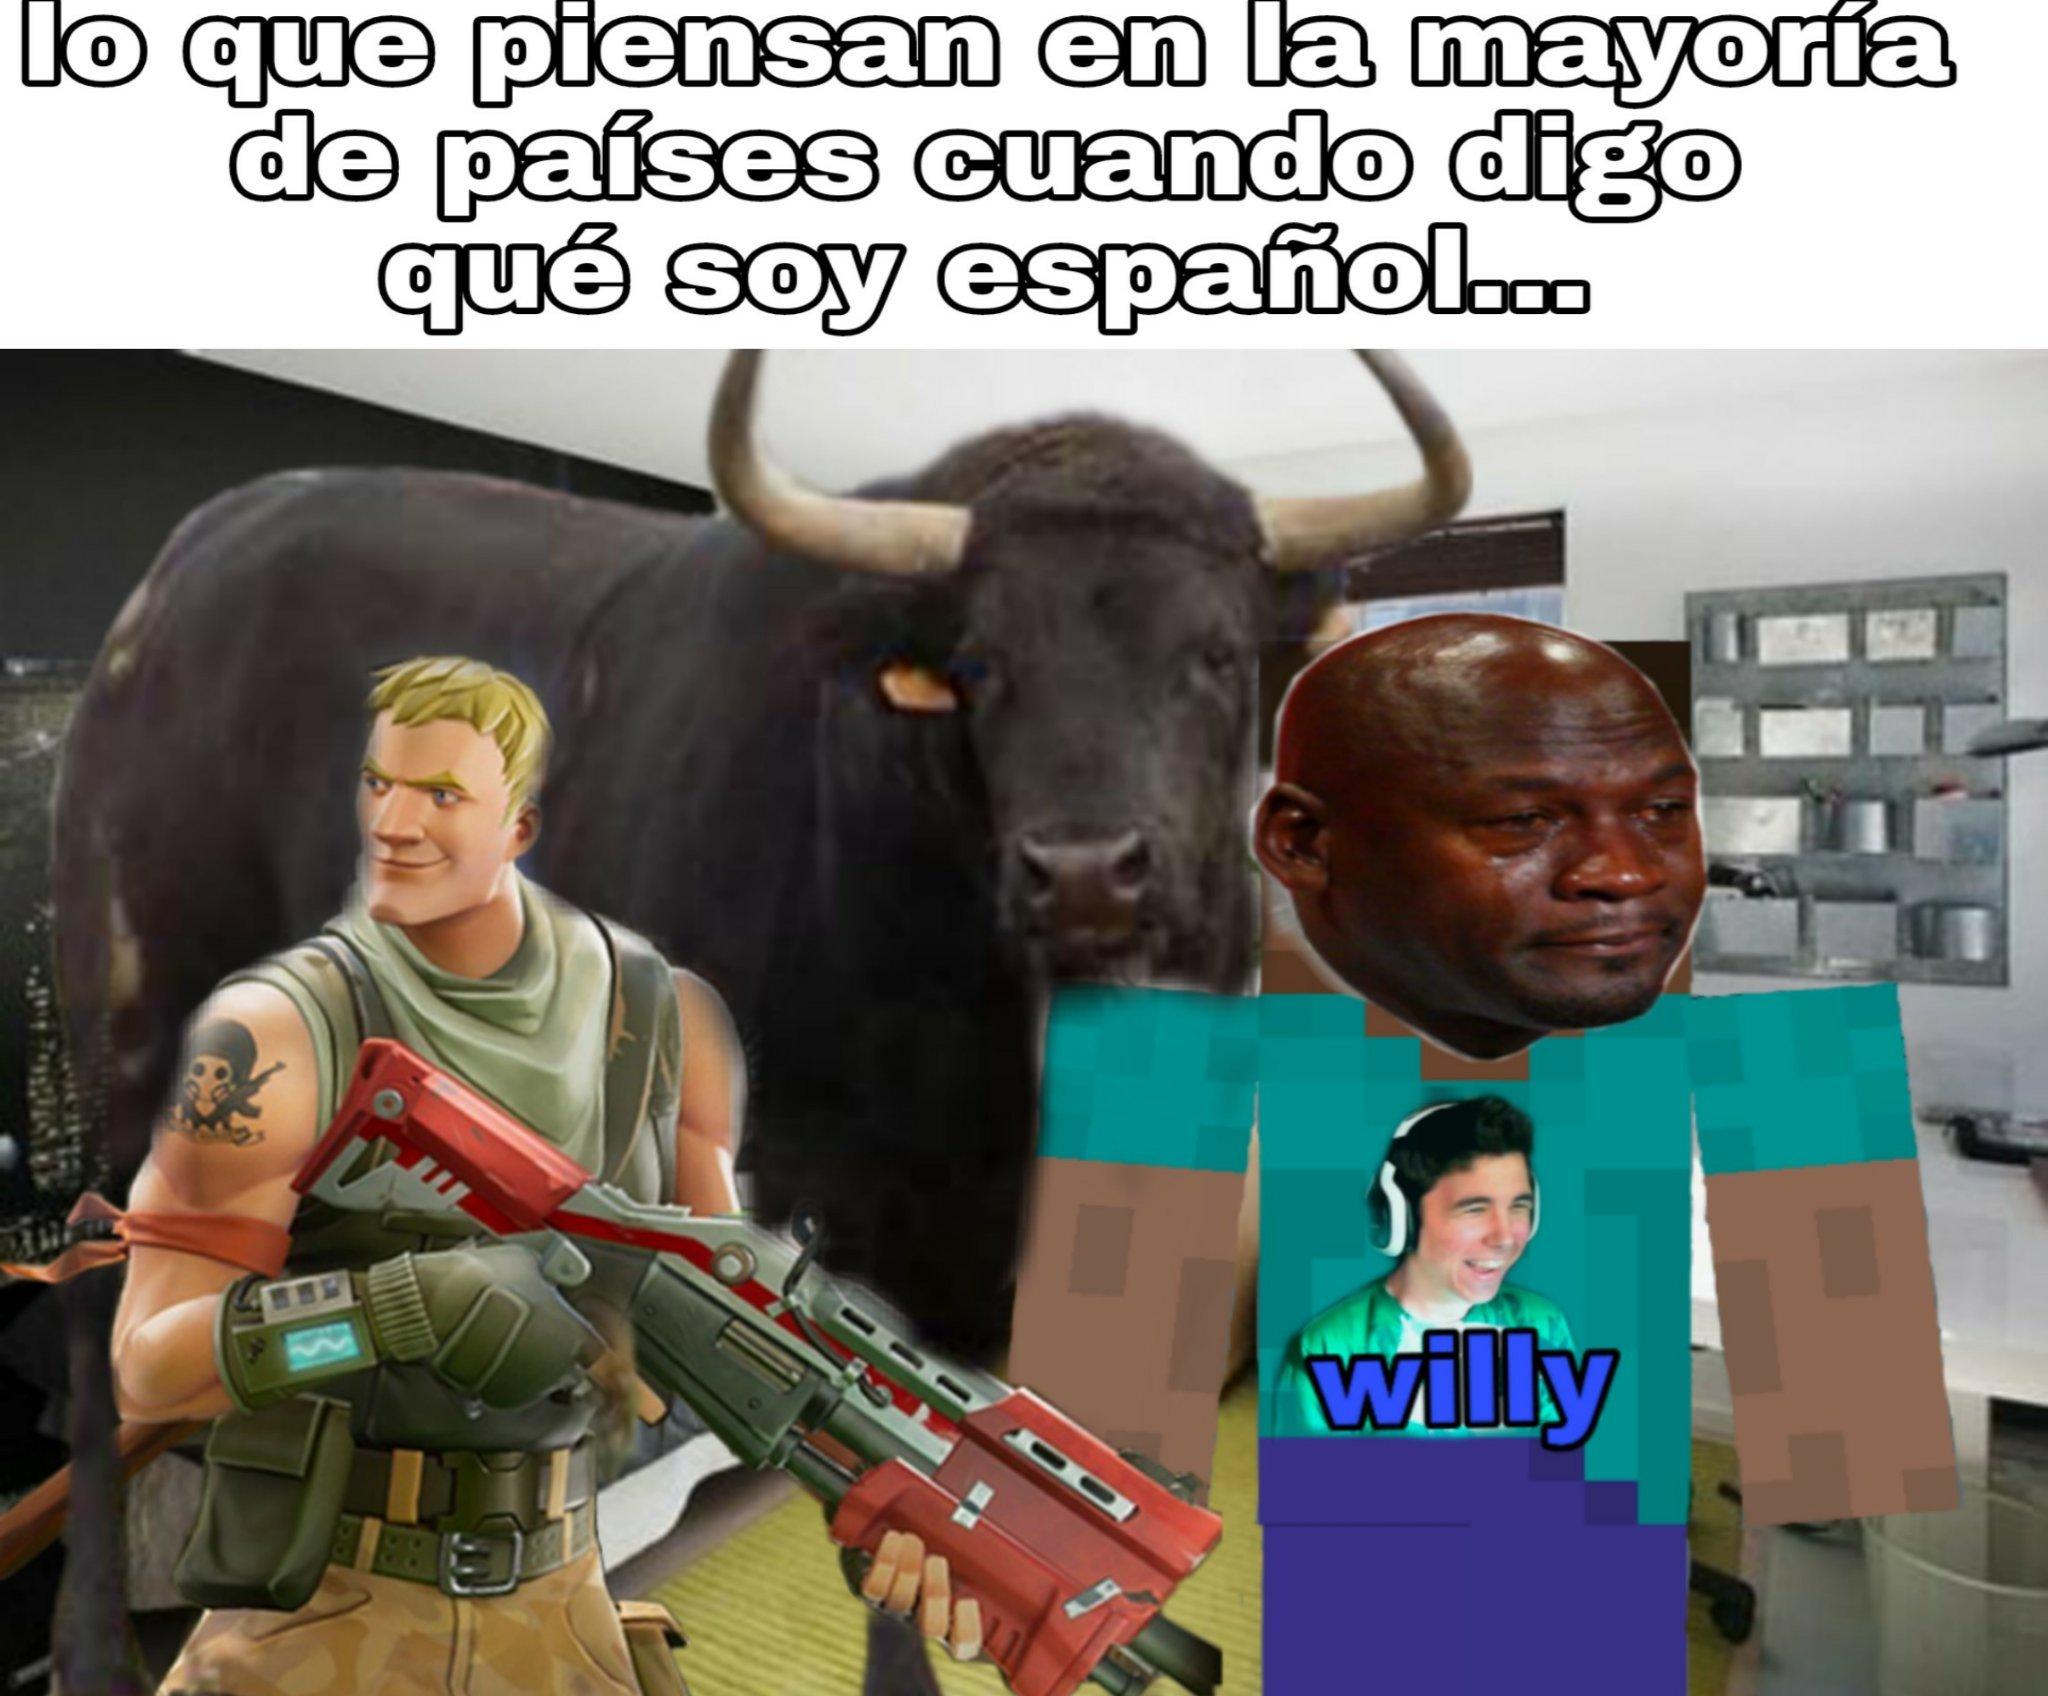 Odio los toros y el fornite... - meme